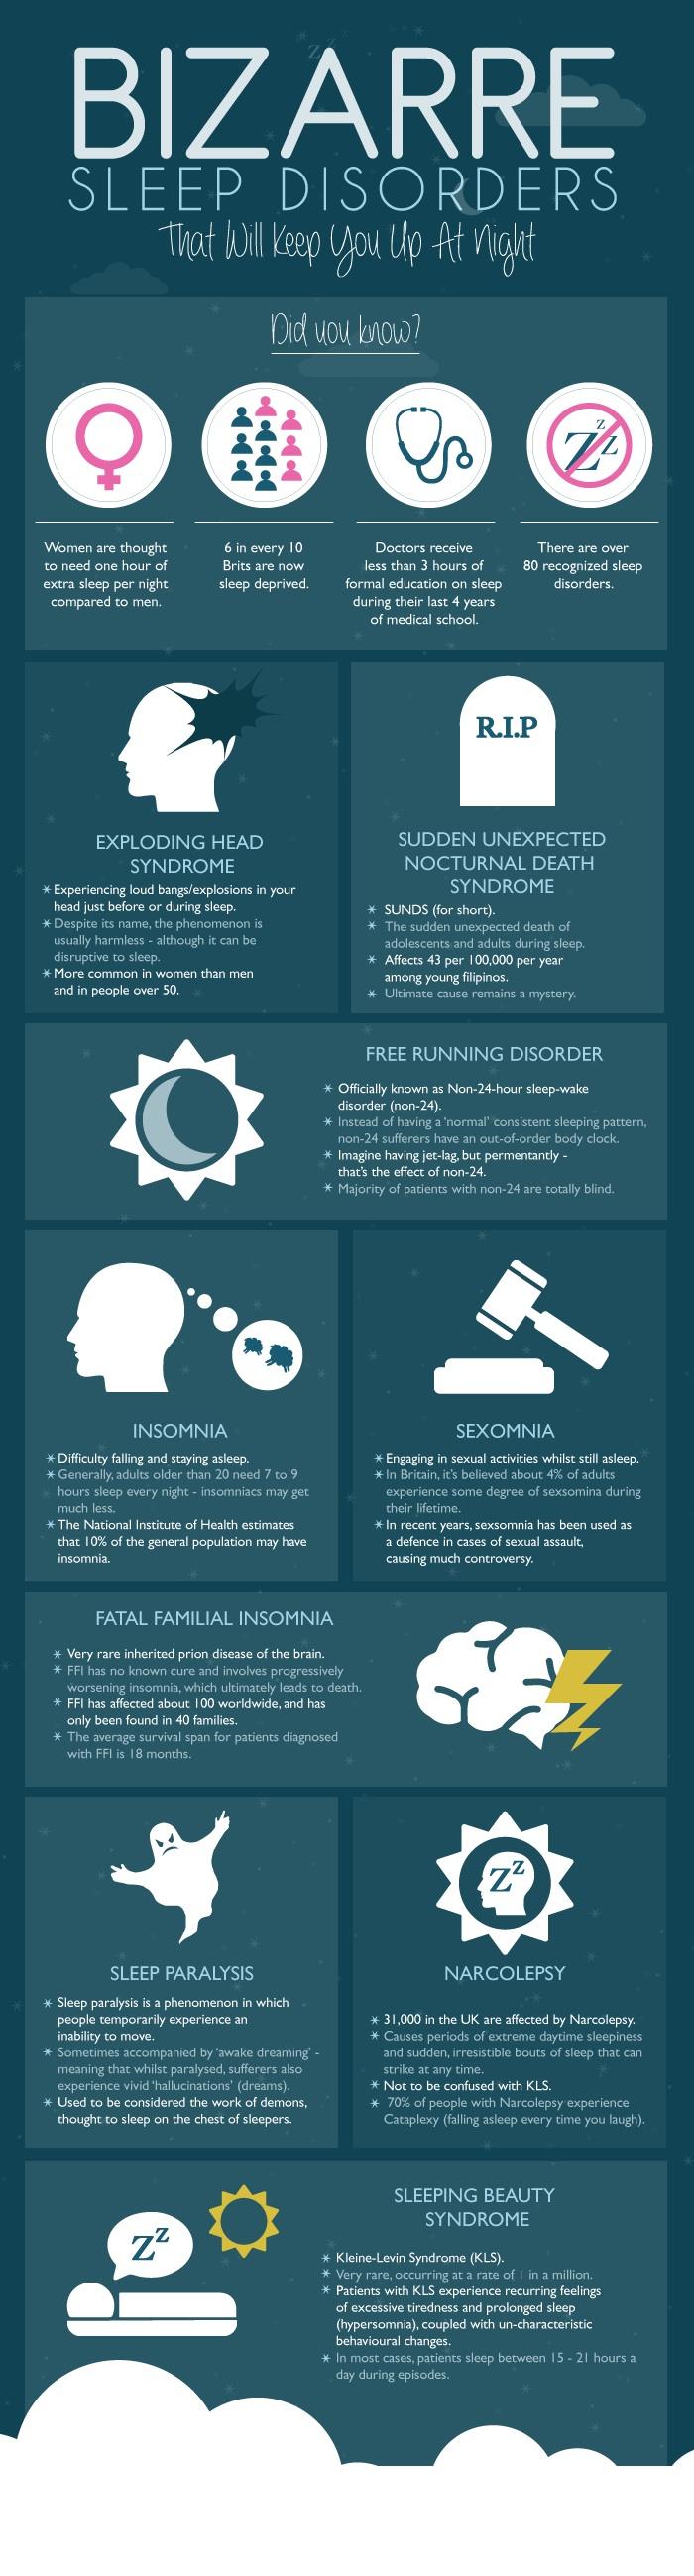 Bizarre-Sleep-Disorders